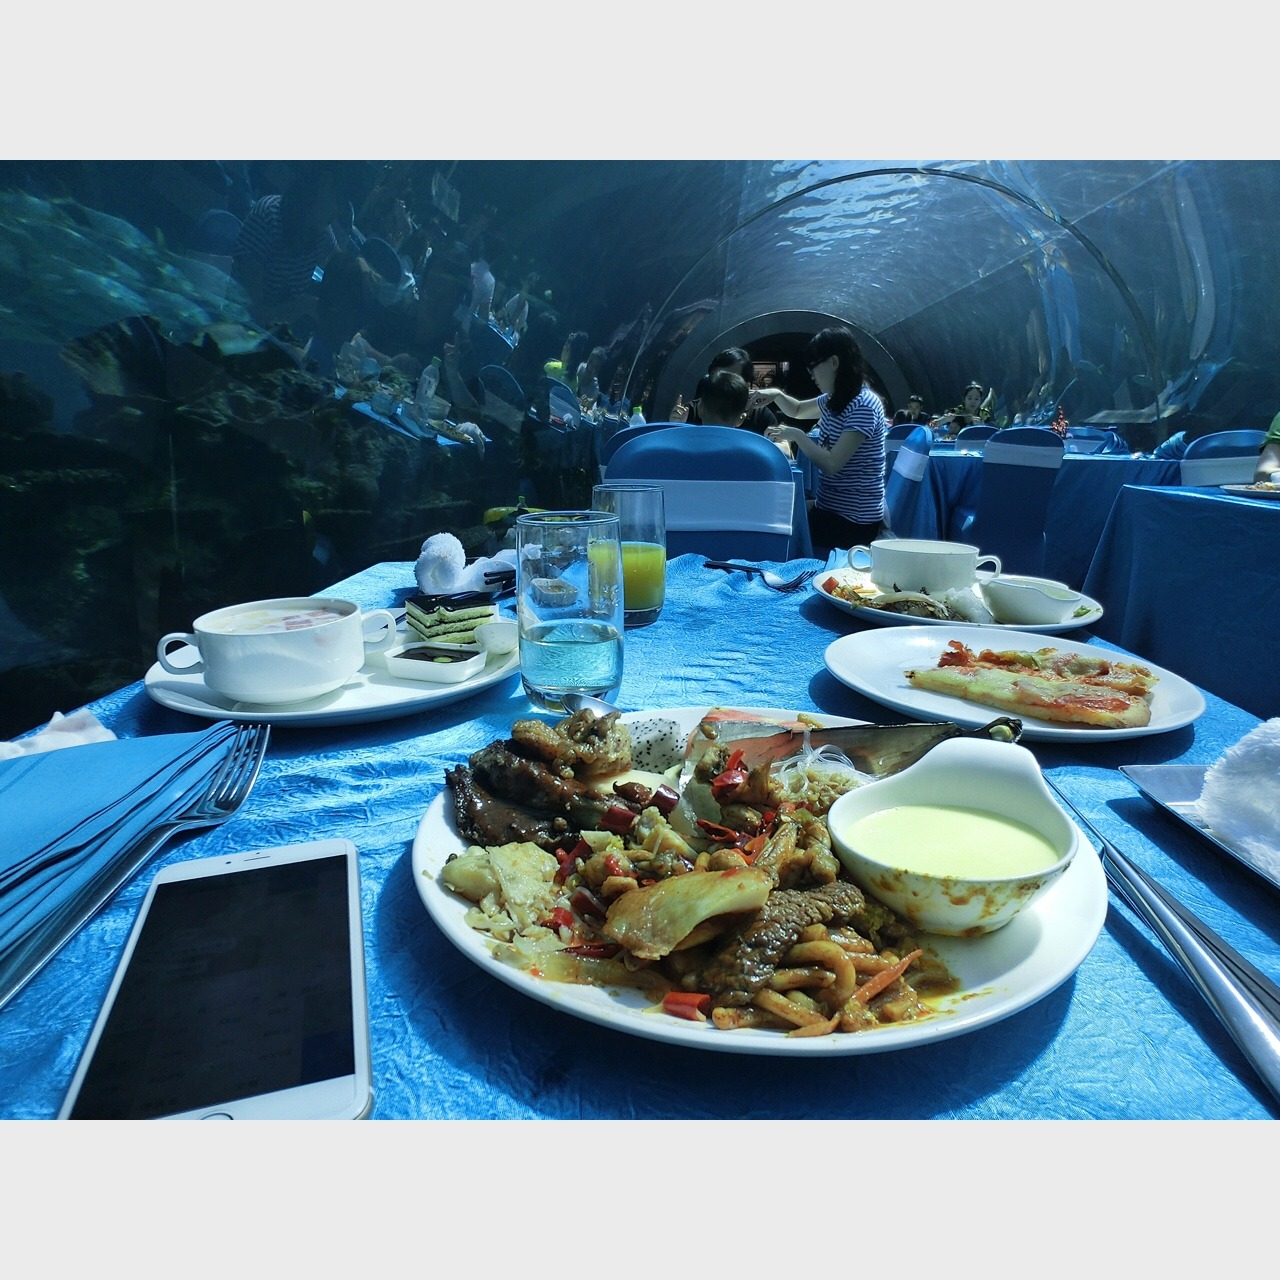 三亚唯一一家海底自助餐厅__三亚唯一一家海底自助餐厅_-小红书